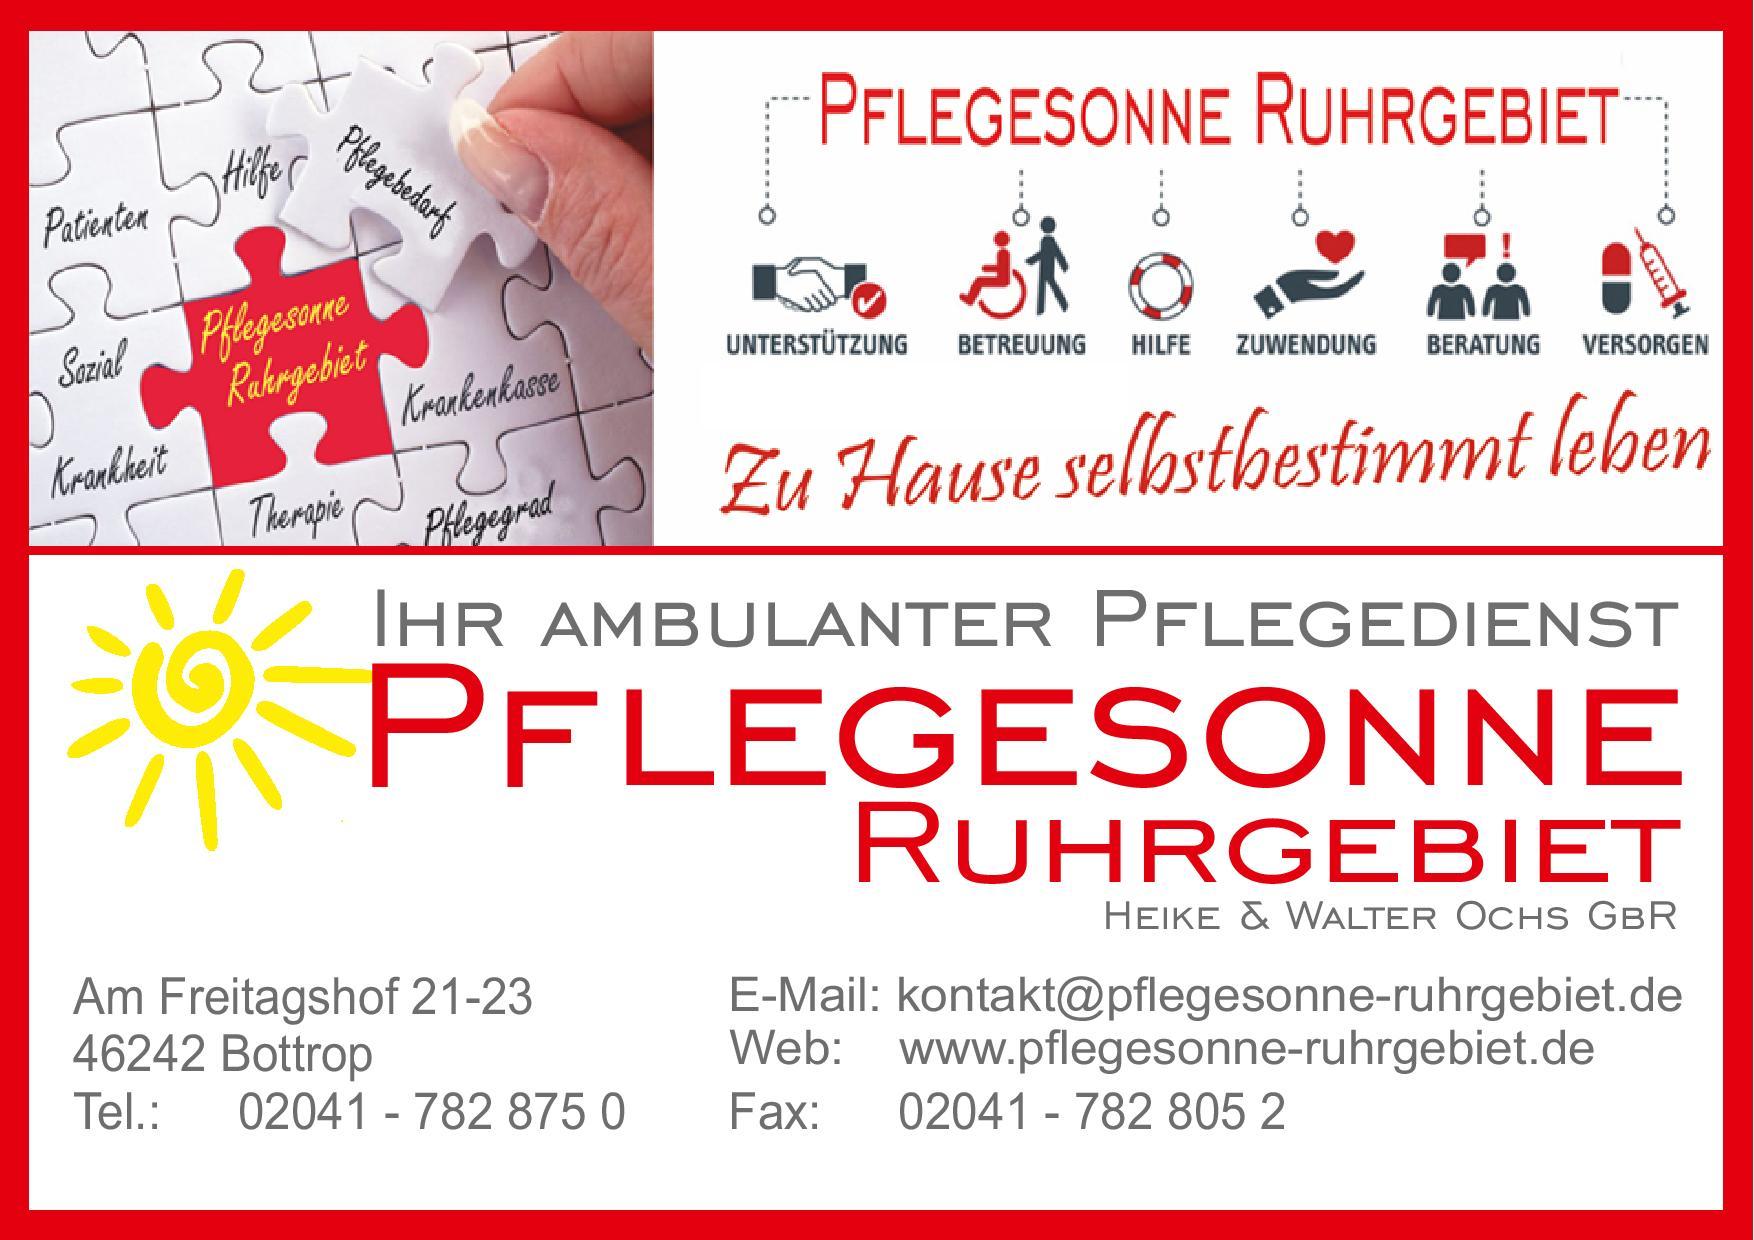 Pflegesonne Visitenkarte Werbung